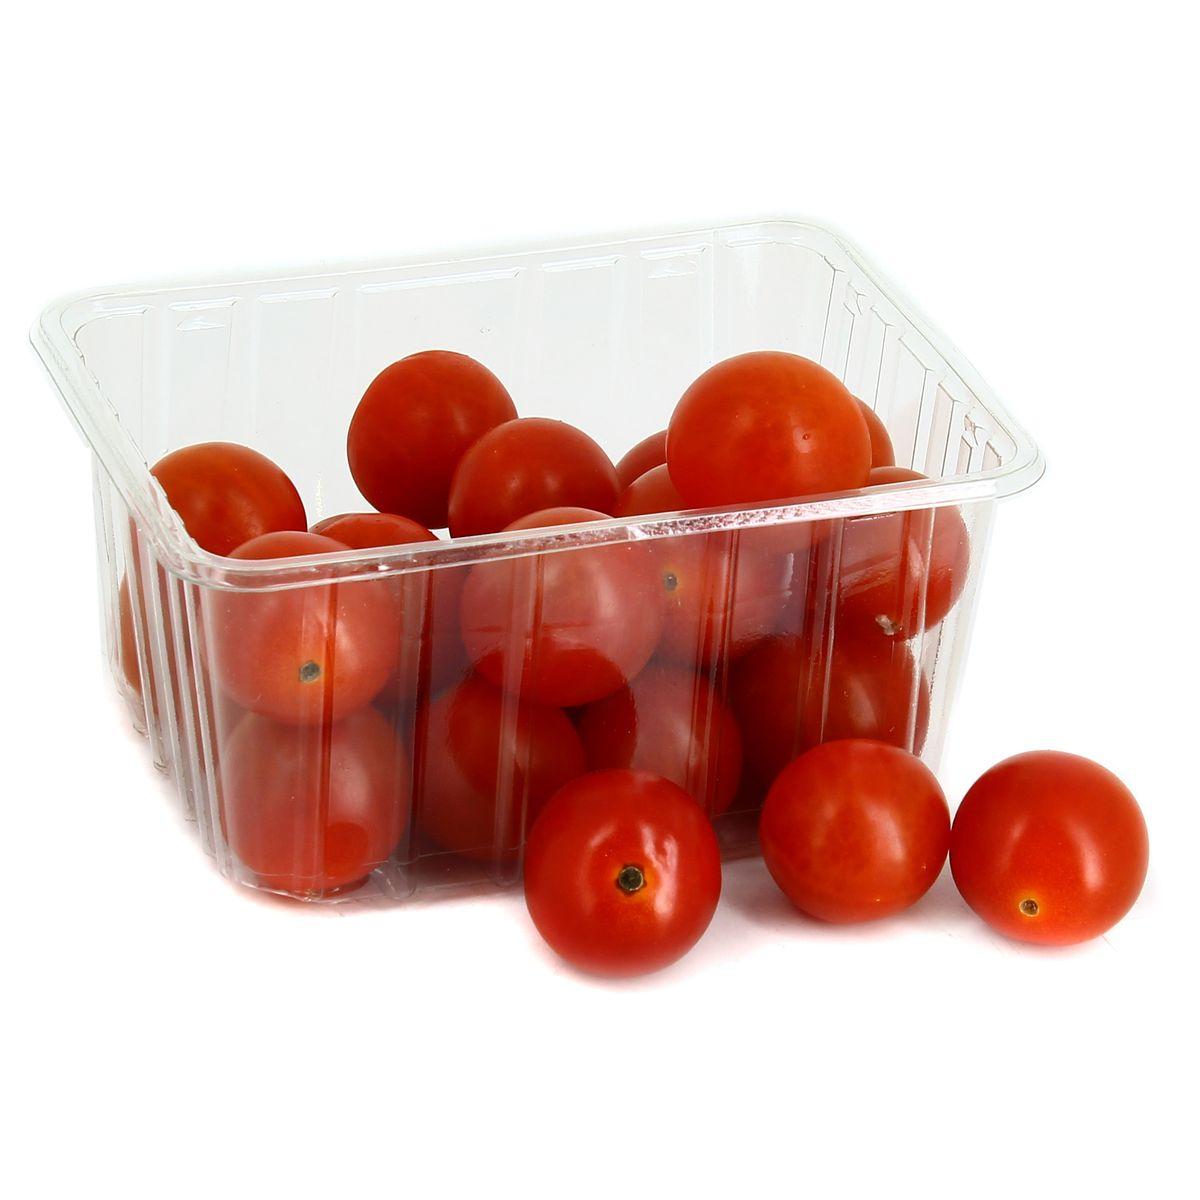 Barquette de tomates cerise ronde BIO (250 g), Italie